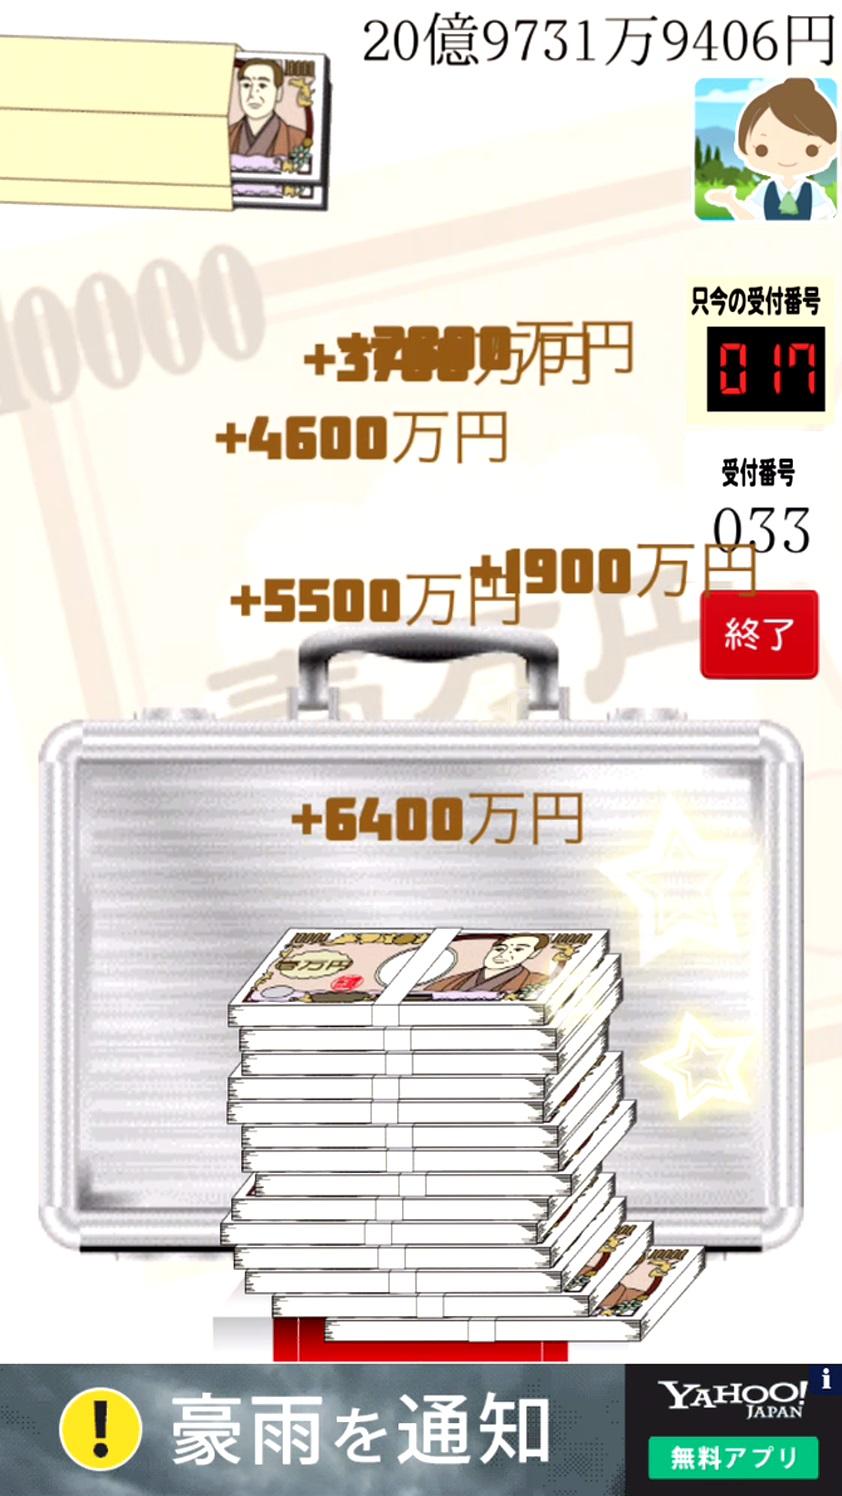 毎日が給料日DX!1000連ガチャ androidアプリスクリーンショット1